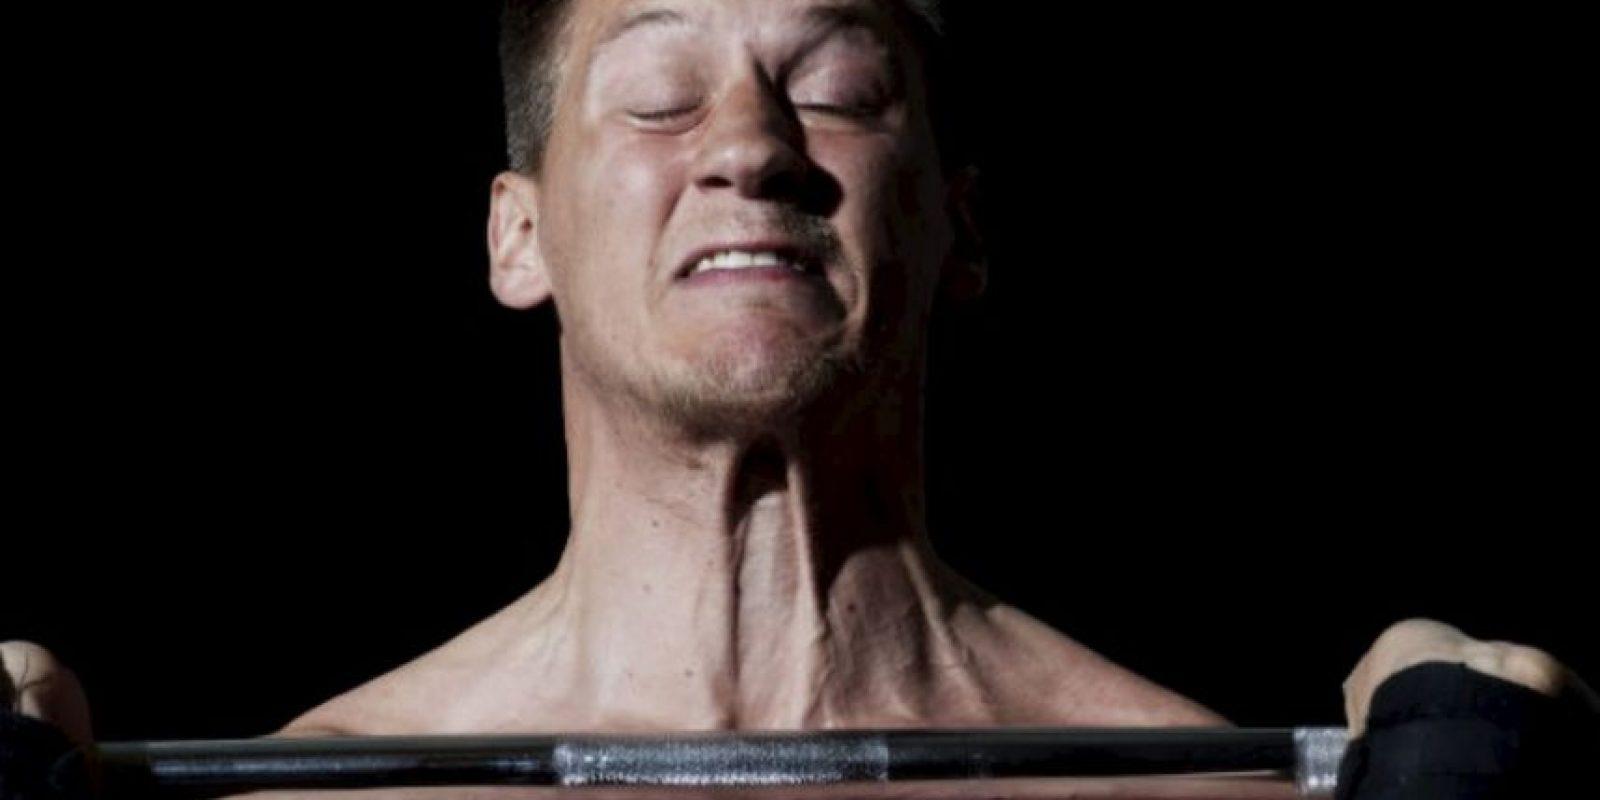 Prácticamente, se puede ejercitar cualquier parte del cuerpo. Pero, ¿el pene? Foto:Getty Images